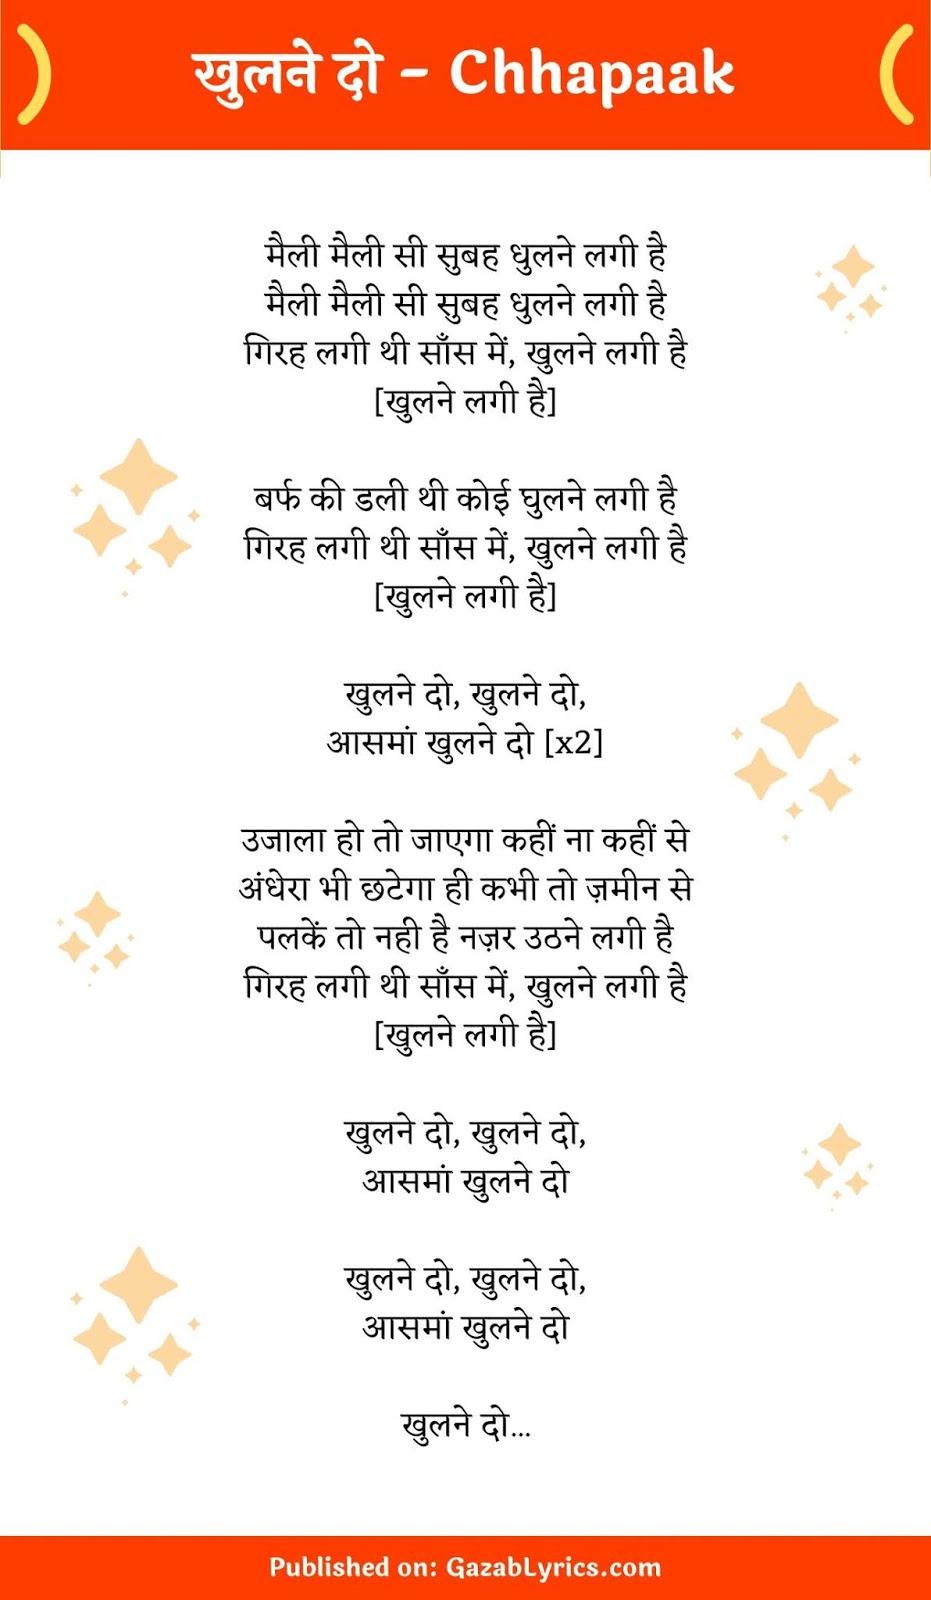 Khulne Do song lyrics image